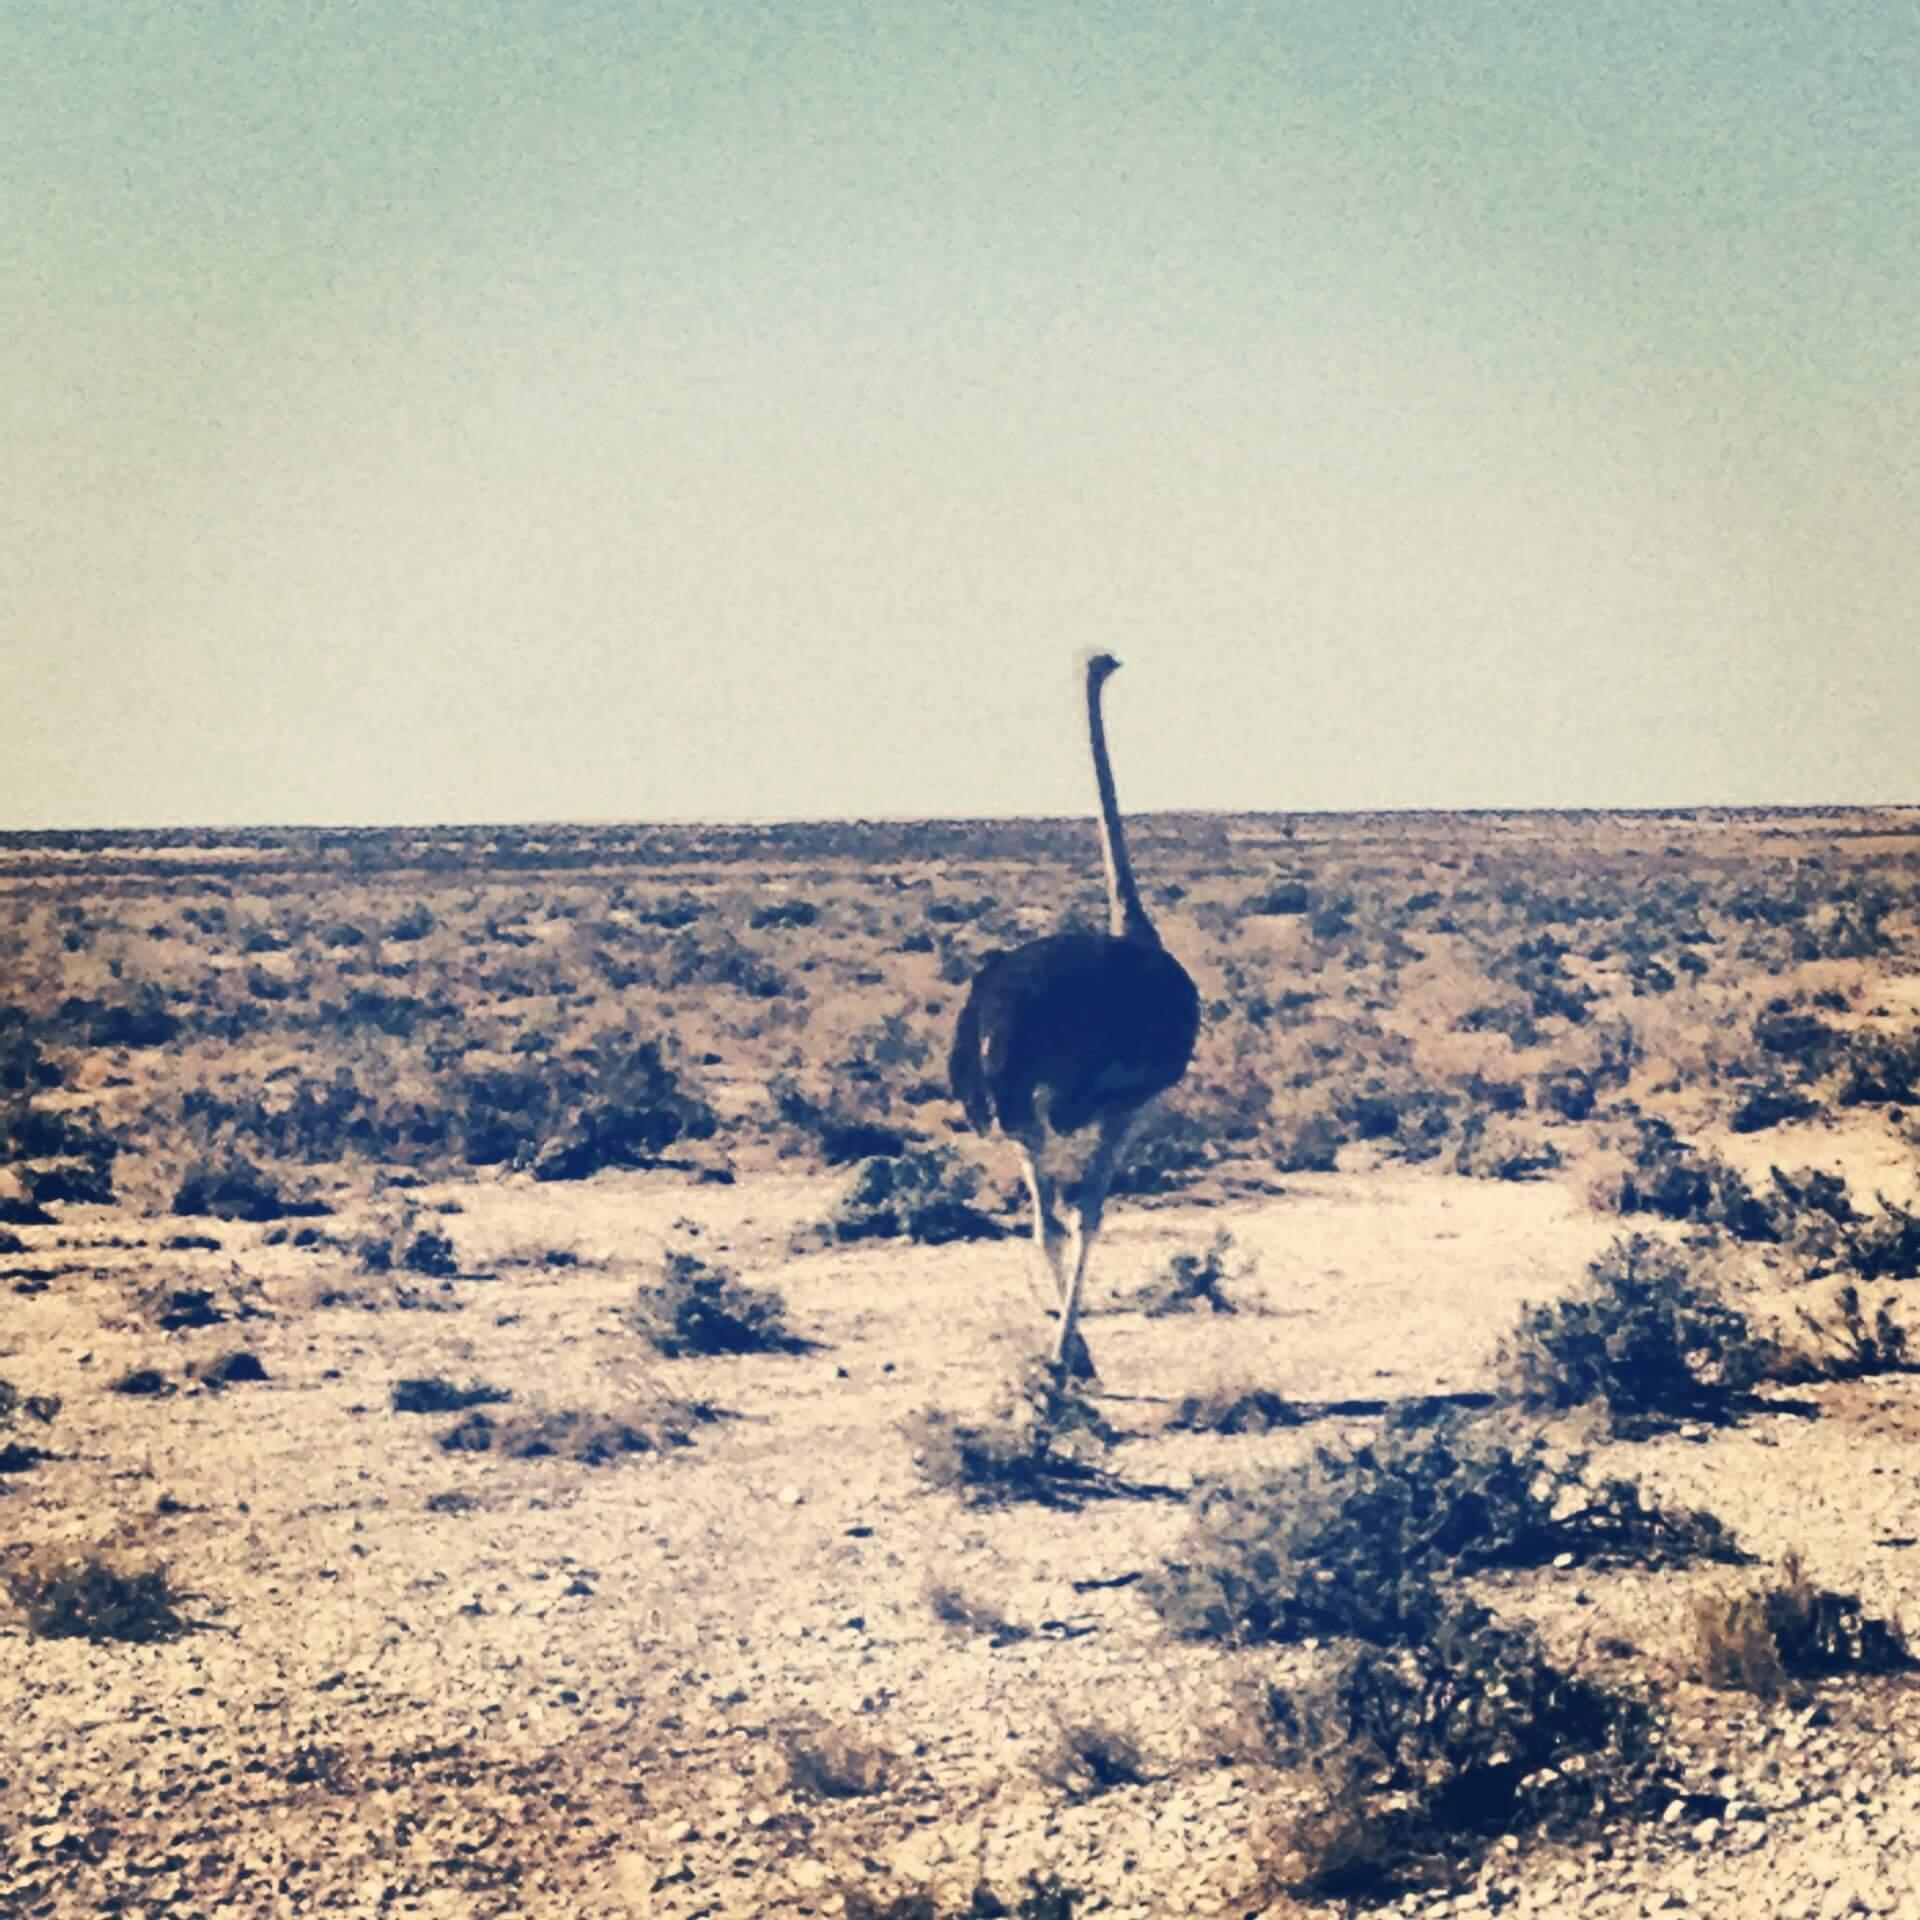 Afrikanischer Strauß Namibia